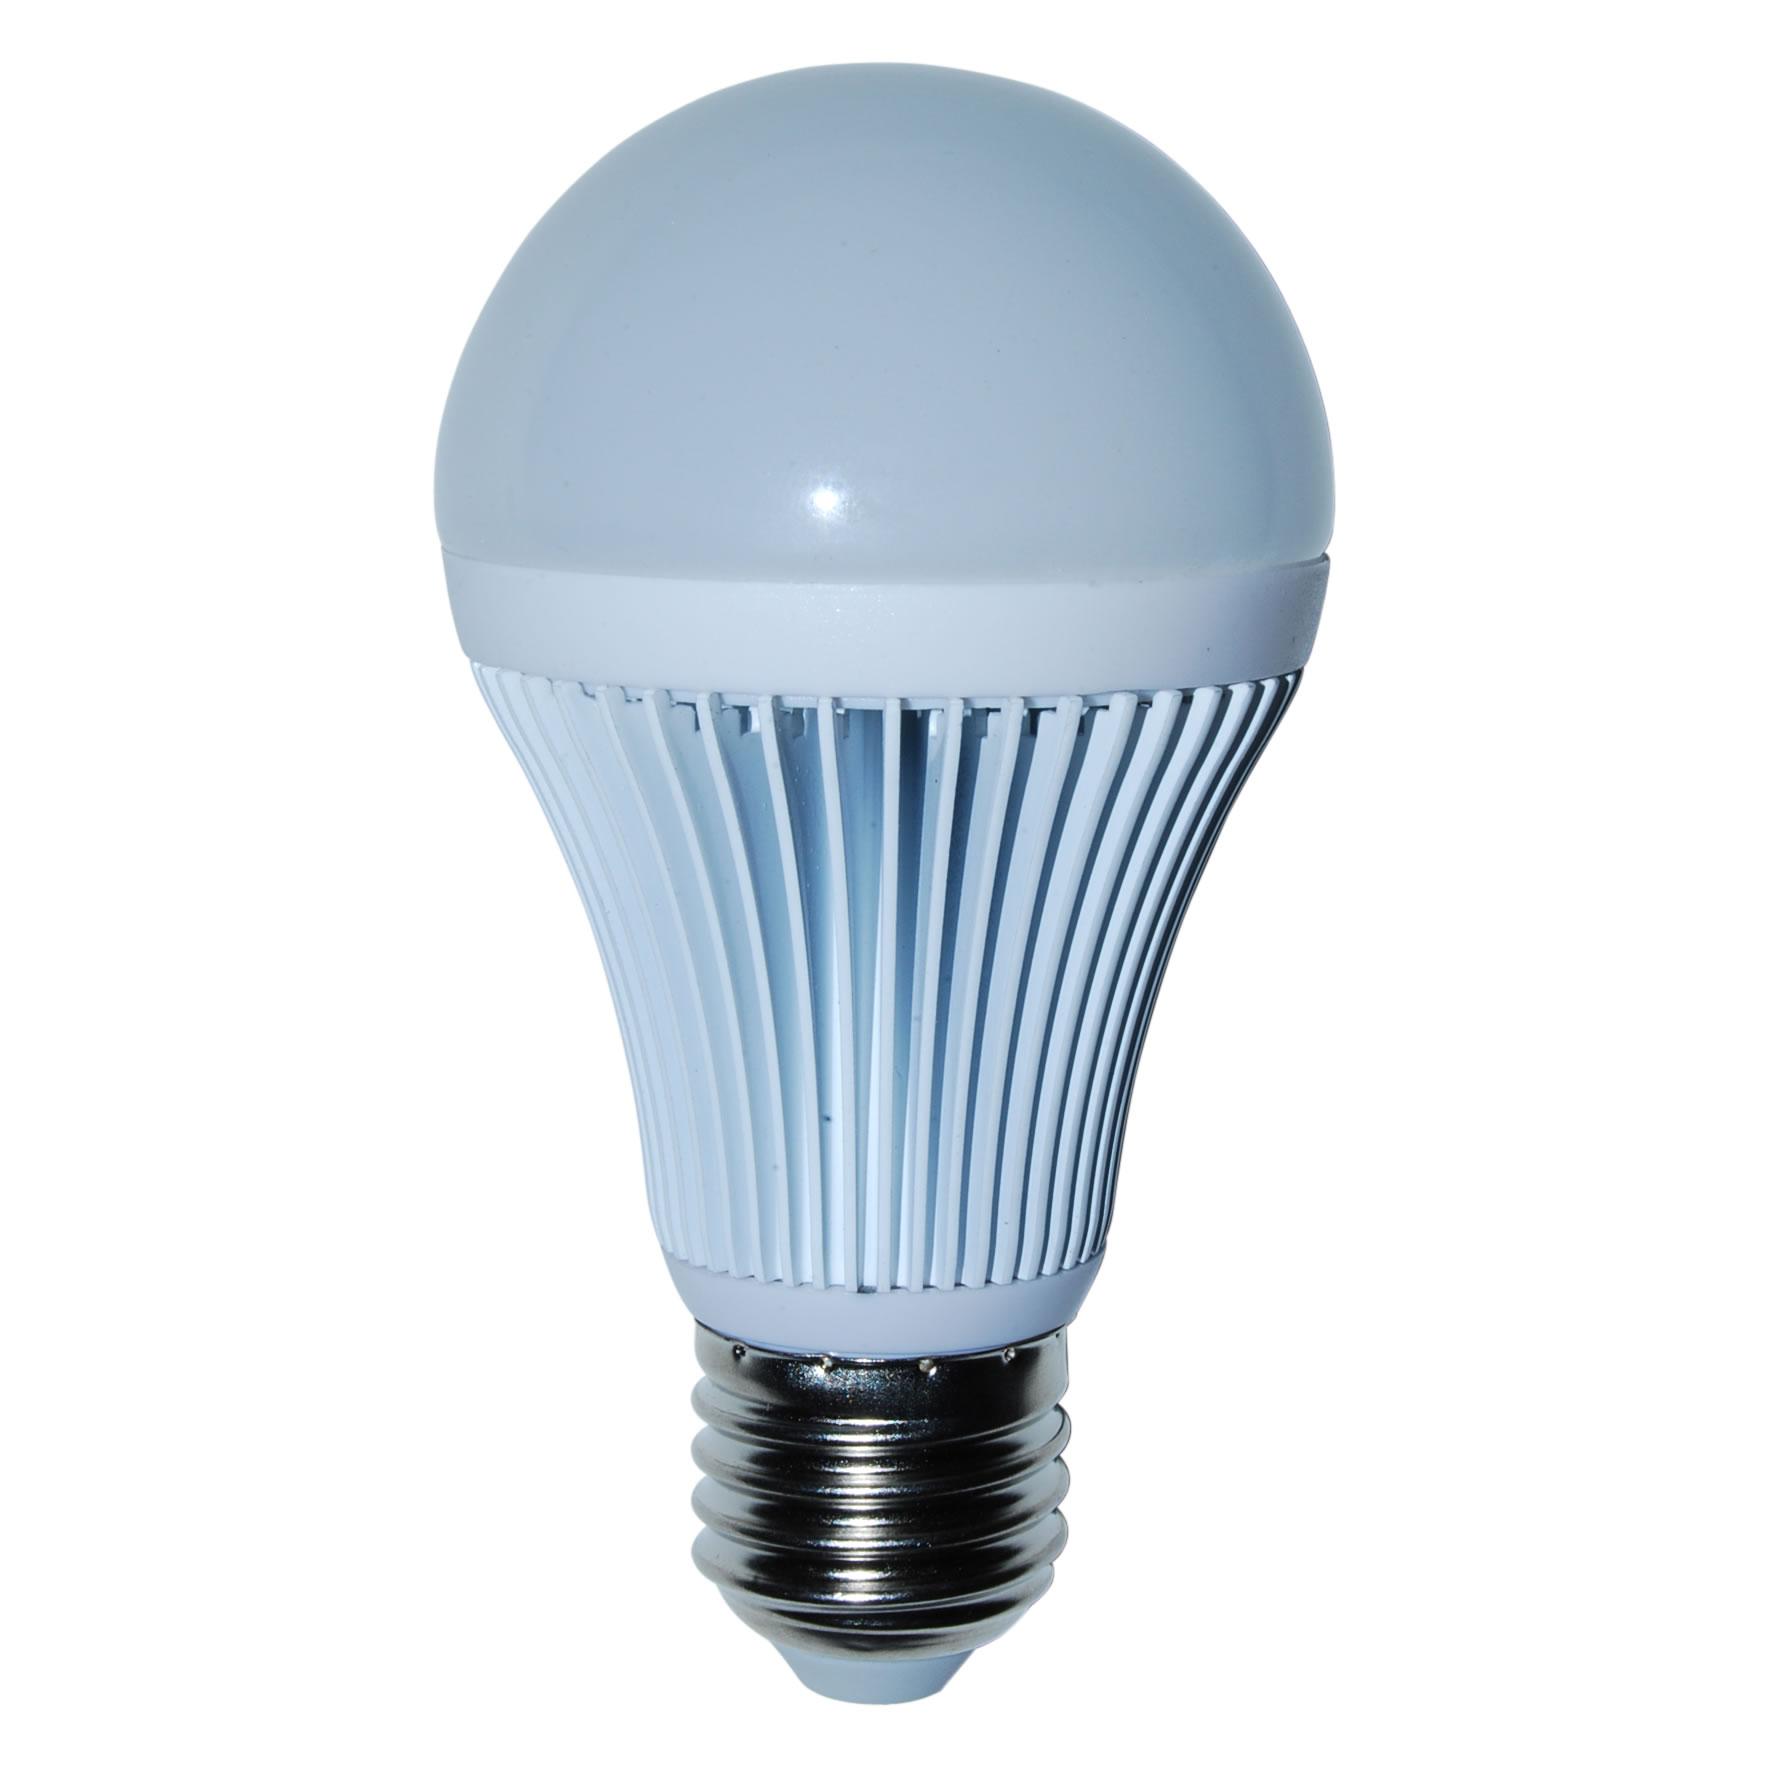 LED GLOBE 5W